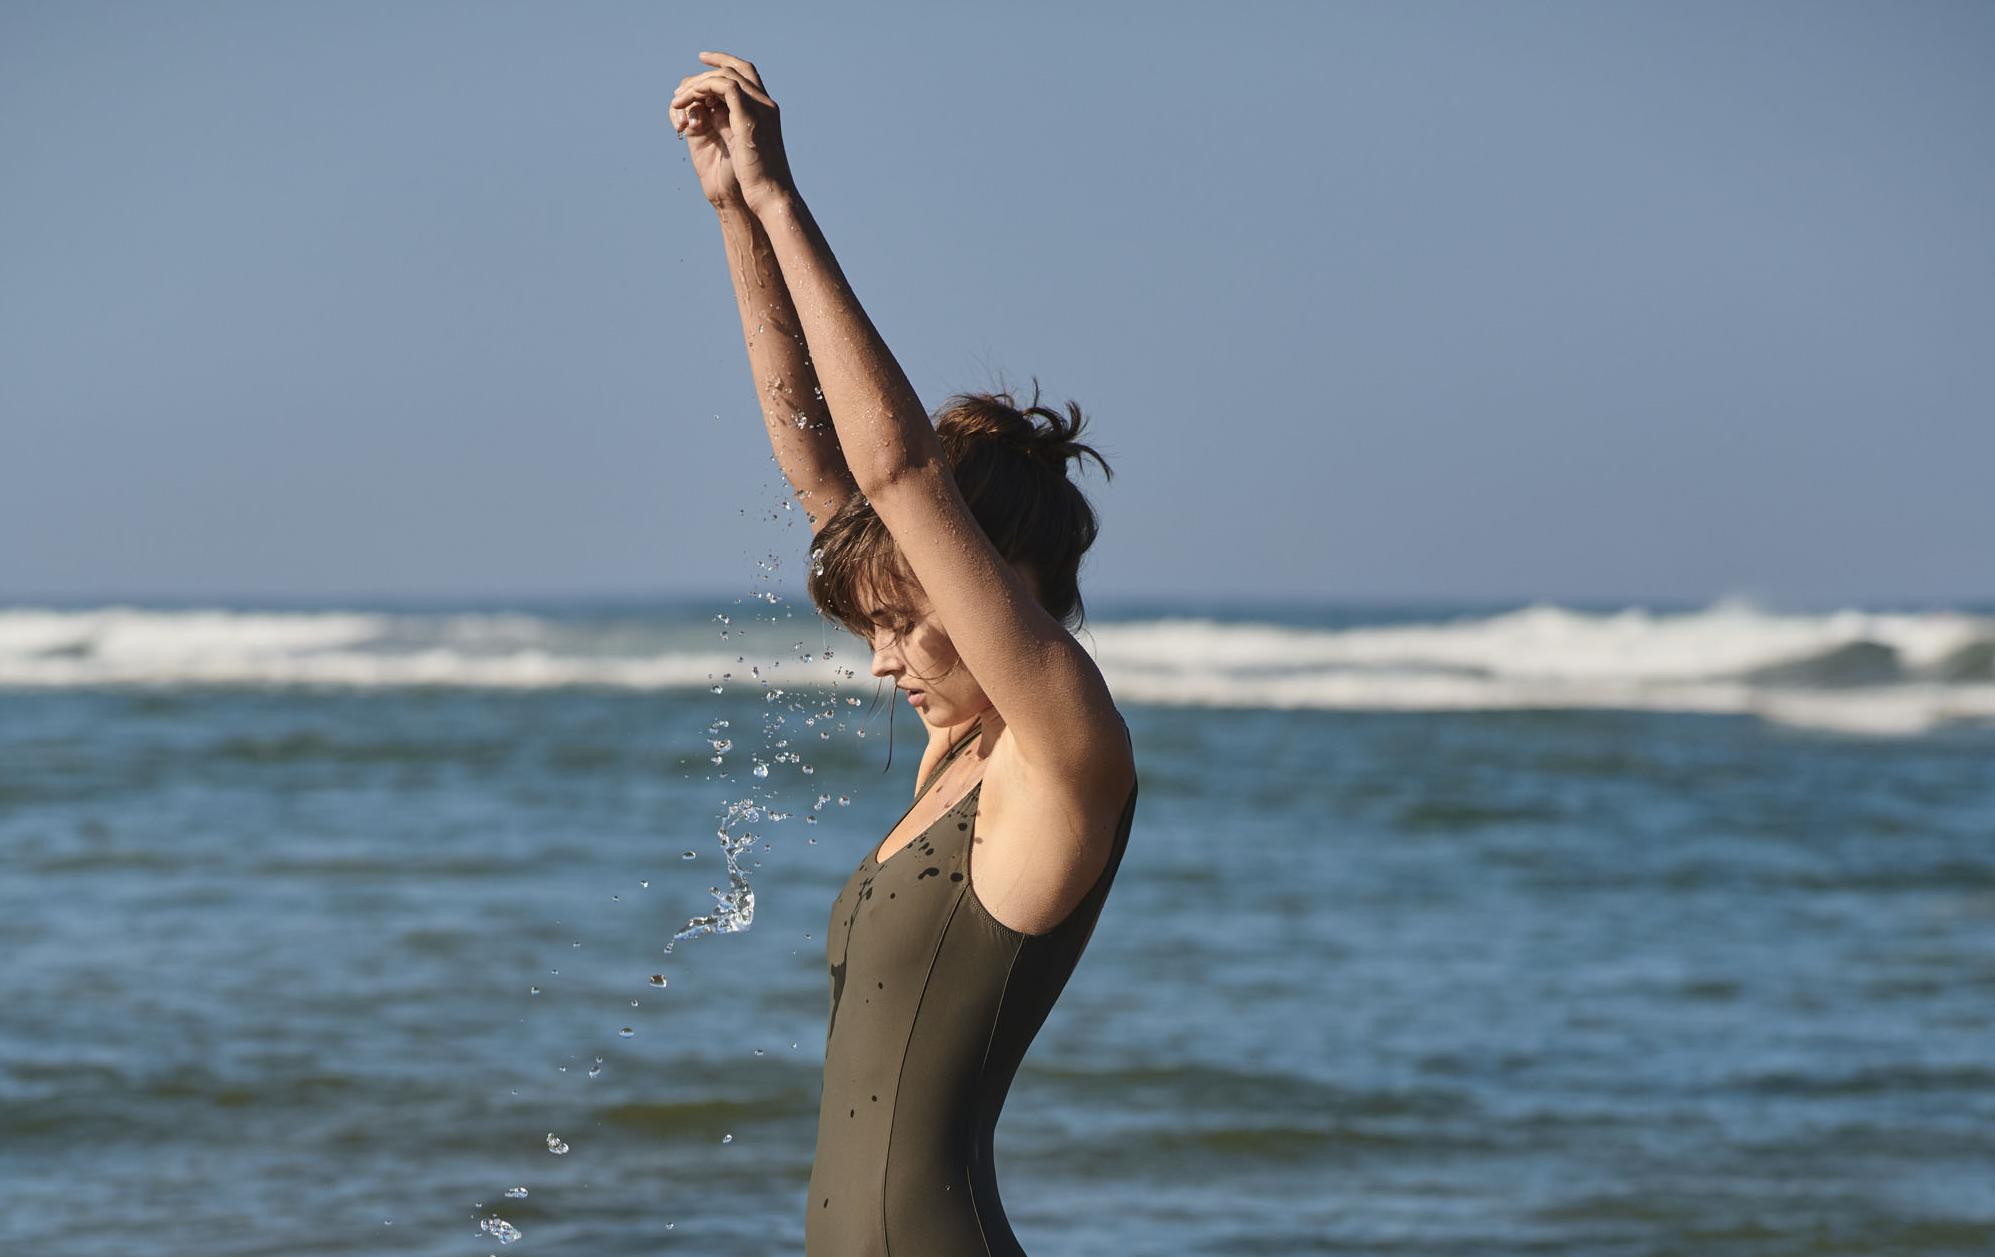 Comment mieux protéger votre peau du vieillissement précoce dû au soleil ?